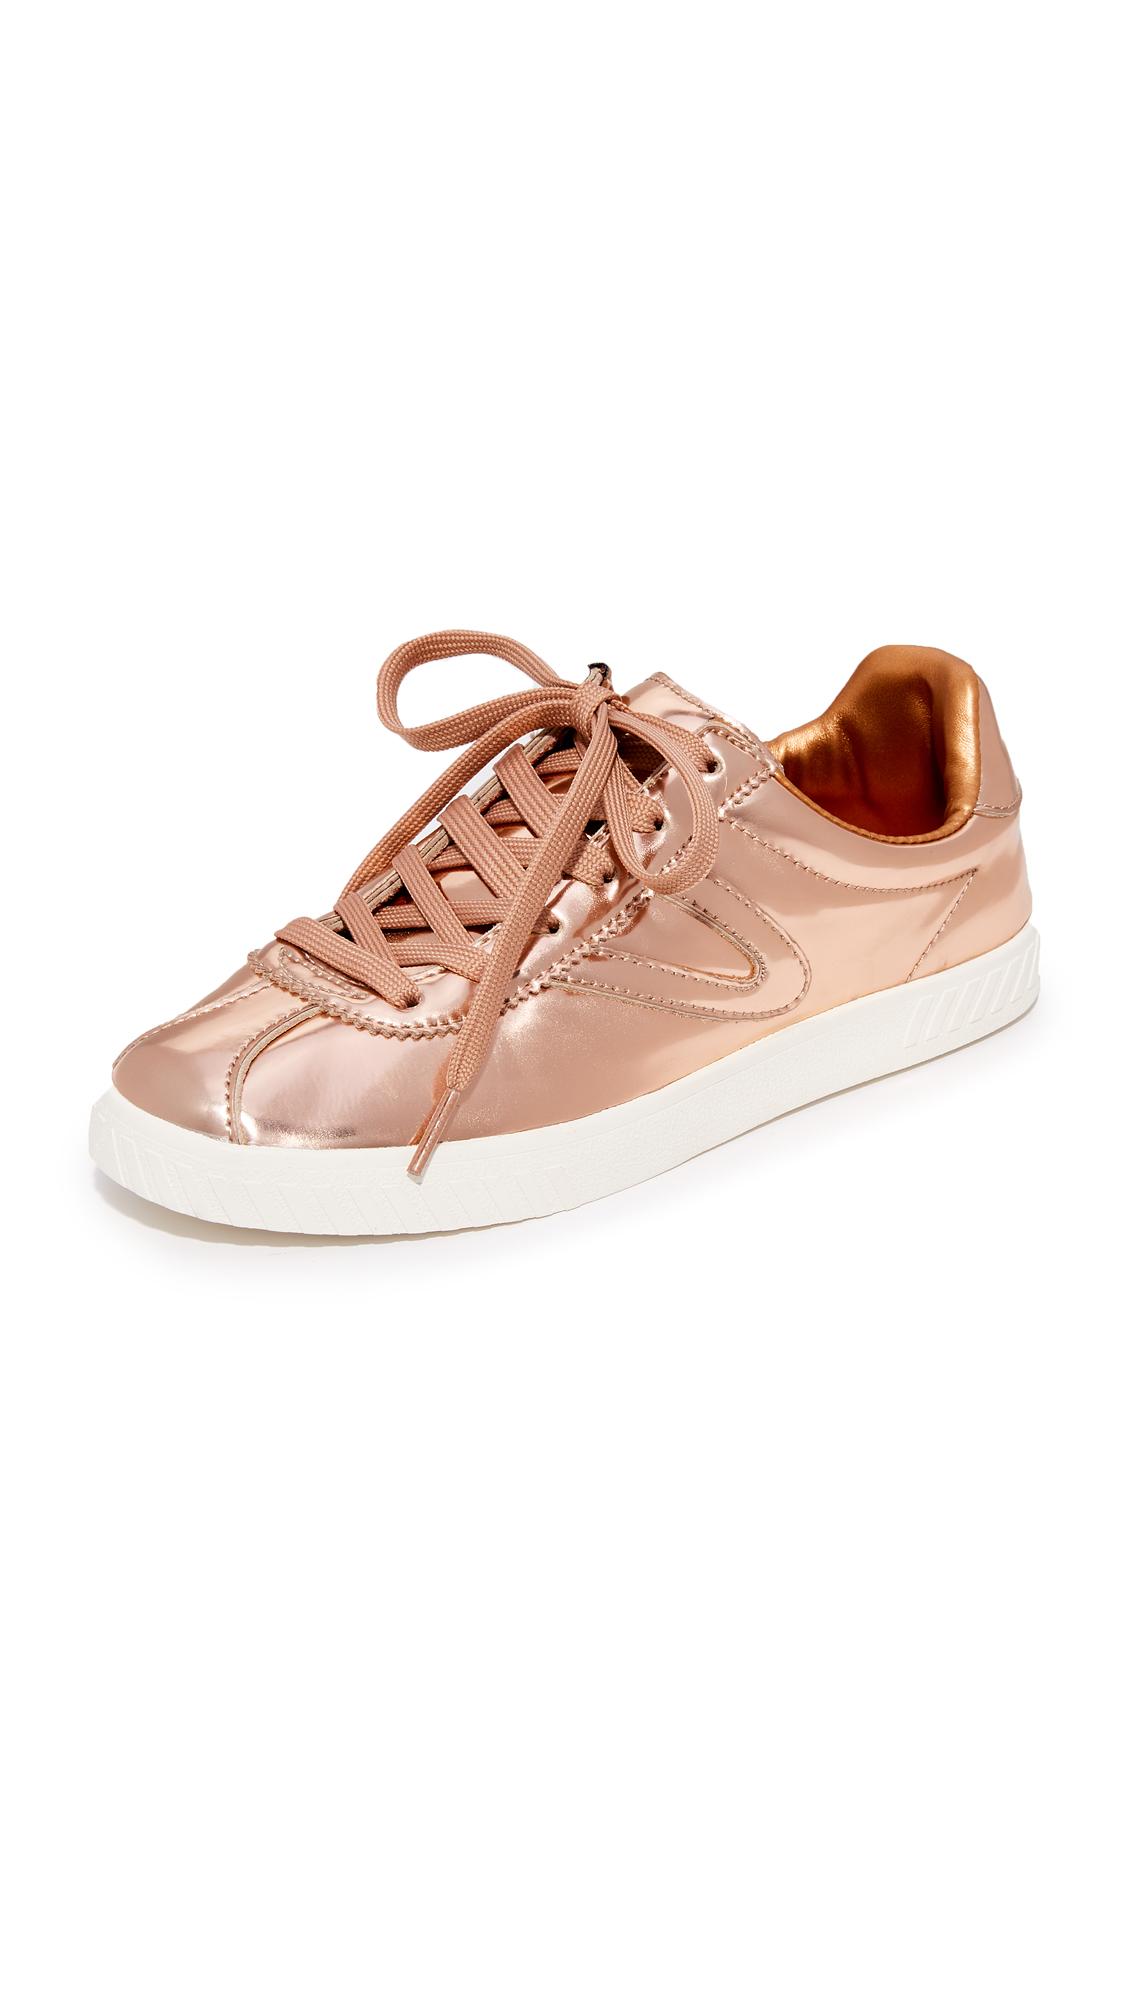 Tretorn Camden II Metallic Sneakers - Magnolia